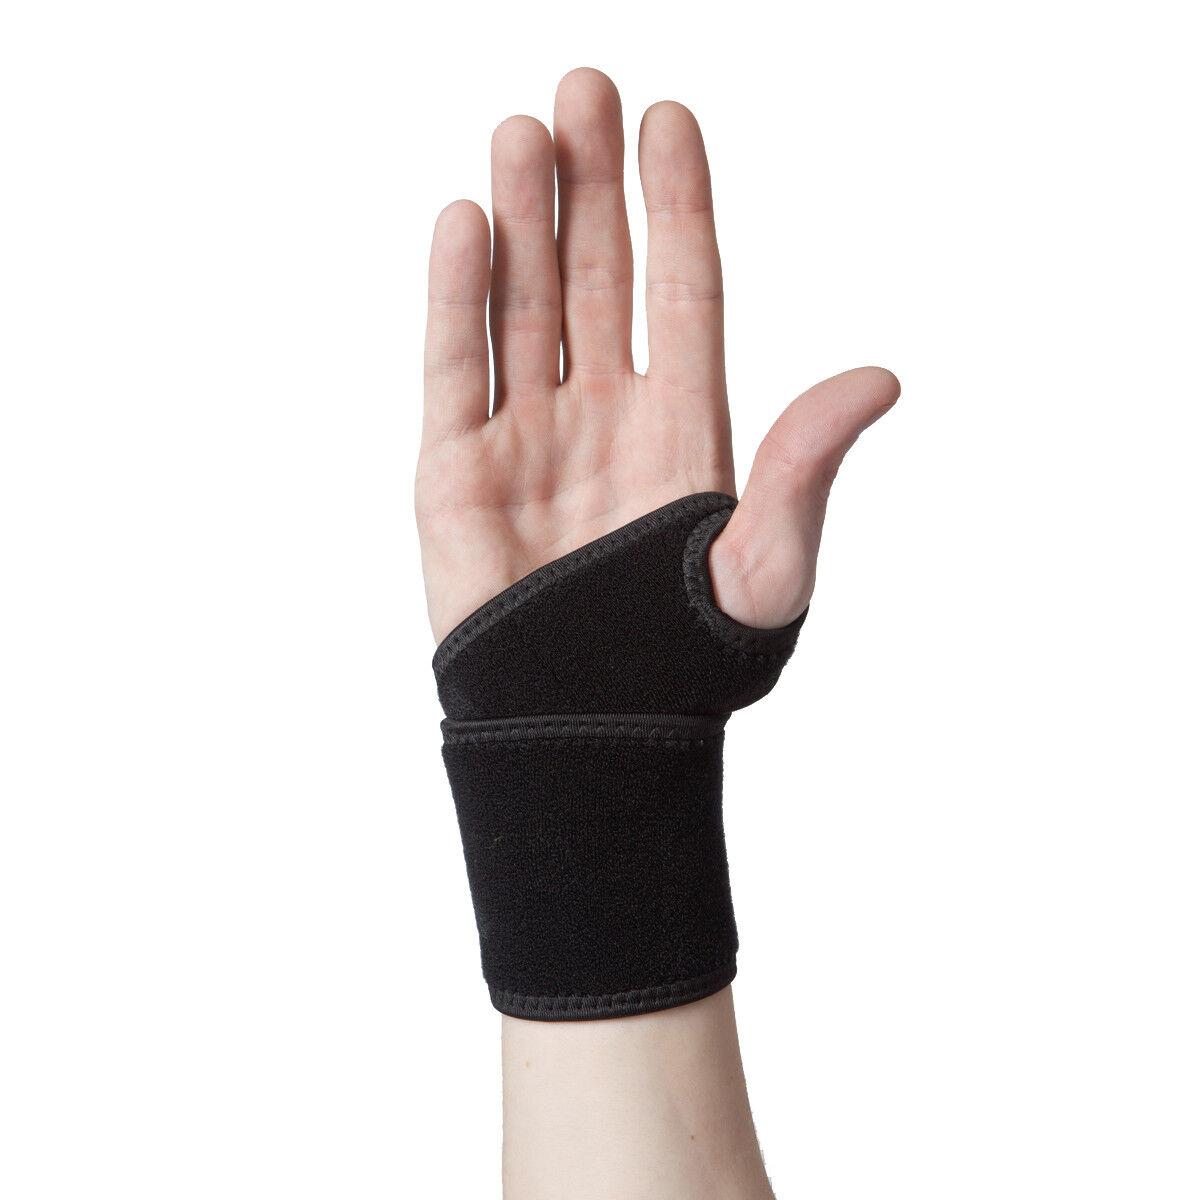 Handbandage mit Daumenschlaufe. Stabilorthese. Handgelenkschoner. Handstütze